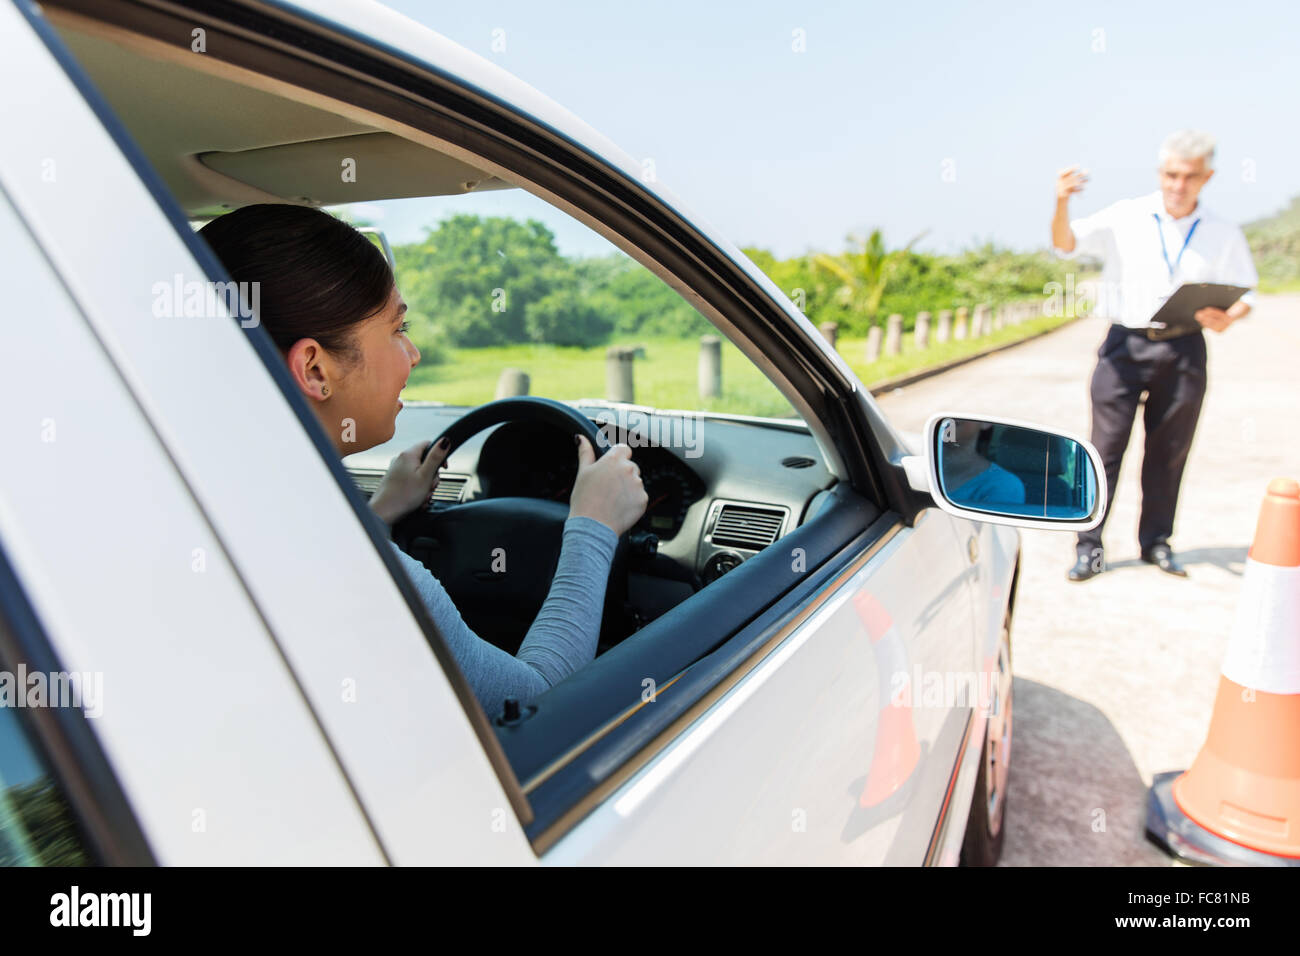 Feliz joven estudiante conductor con instructor de conducción para aprender a aparcar un coche Imagen De Stock